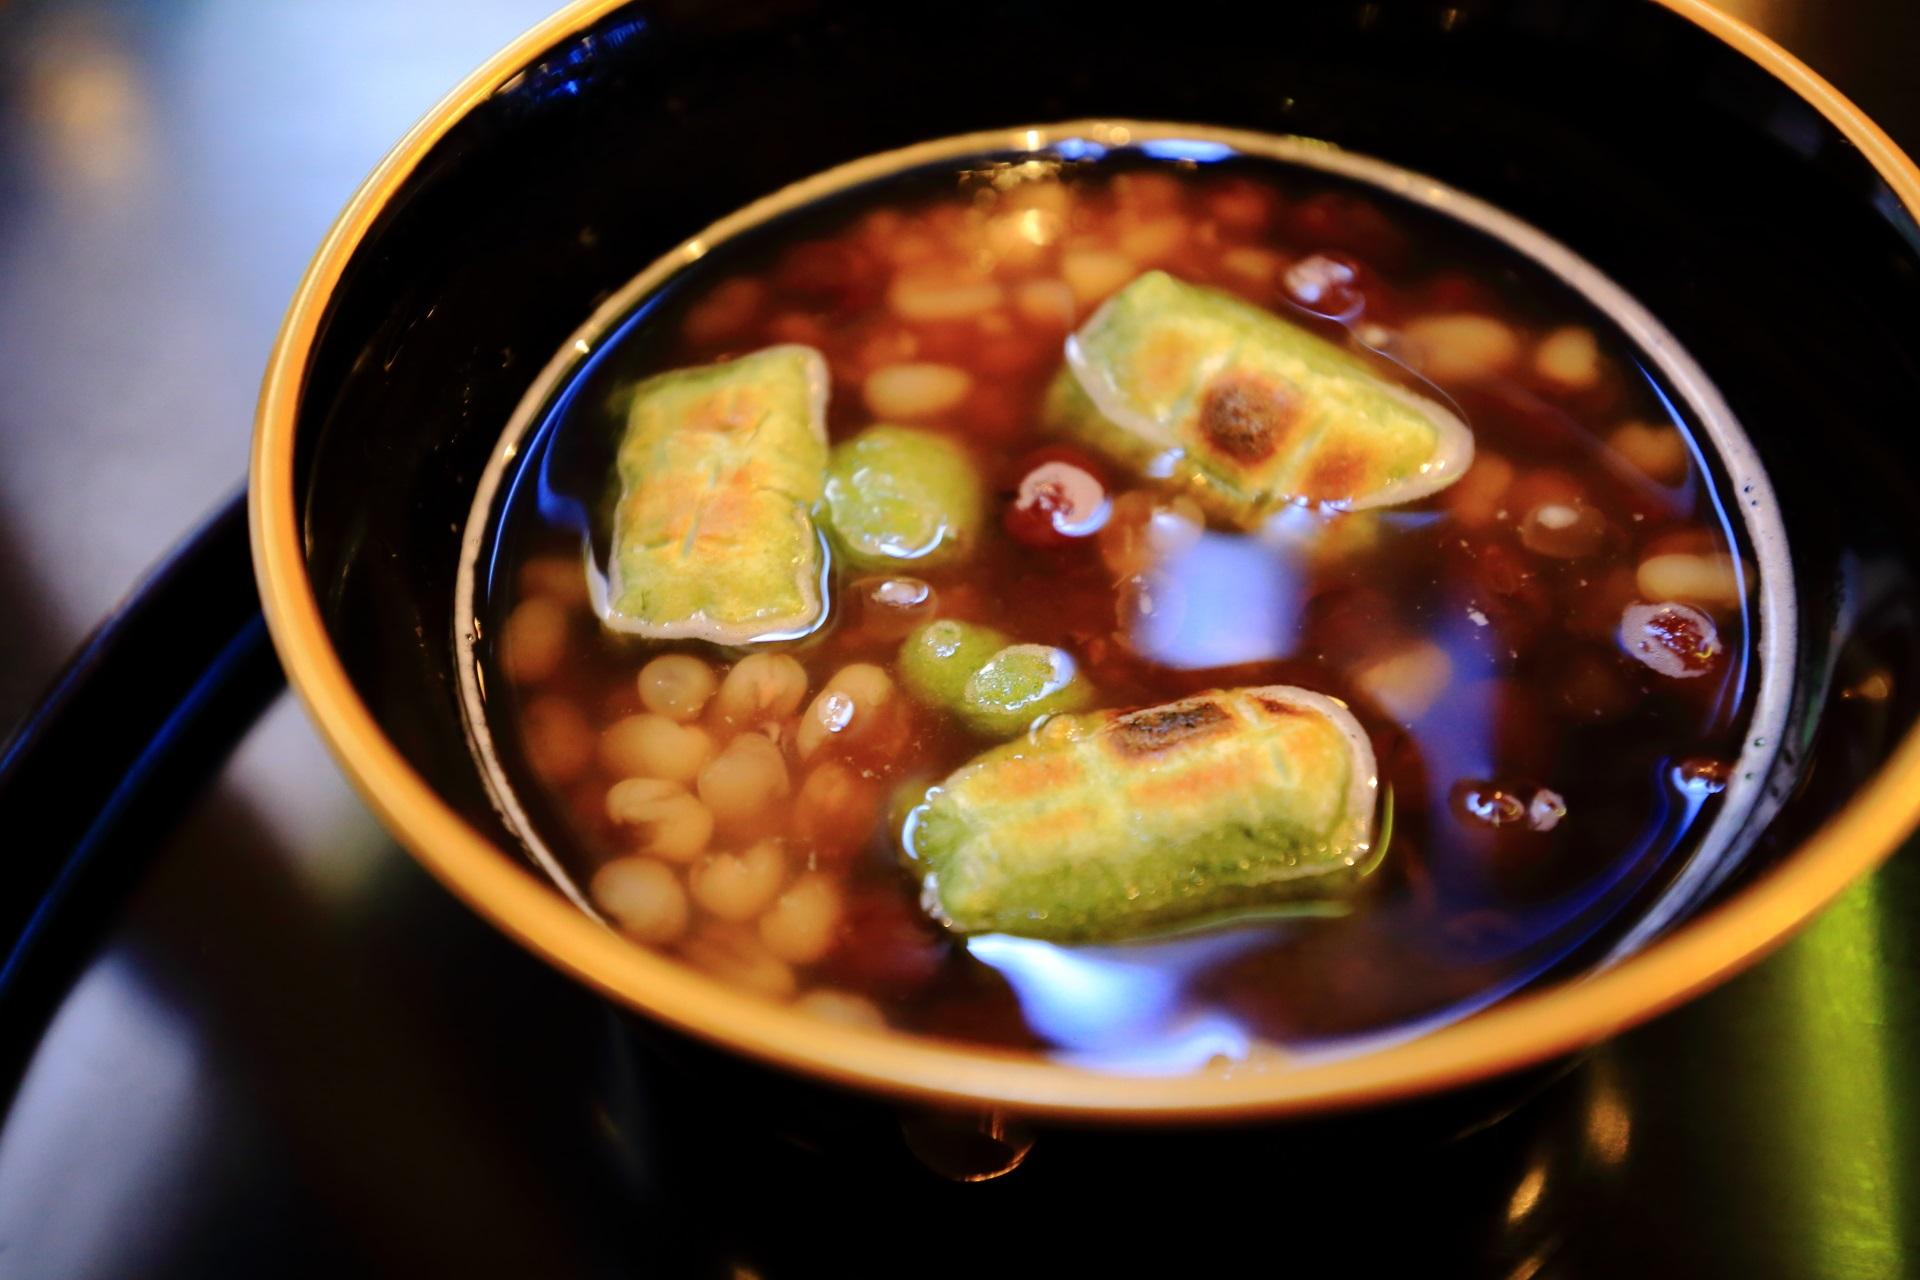 独特の風味がする白小豆と厄除けがあるよもぎ餅の入った特製相生ぜんざい